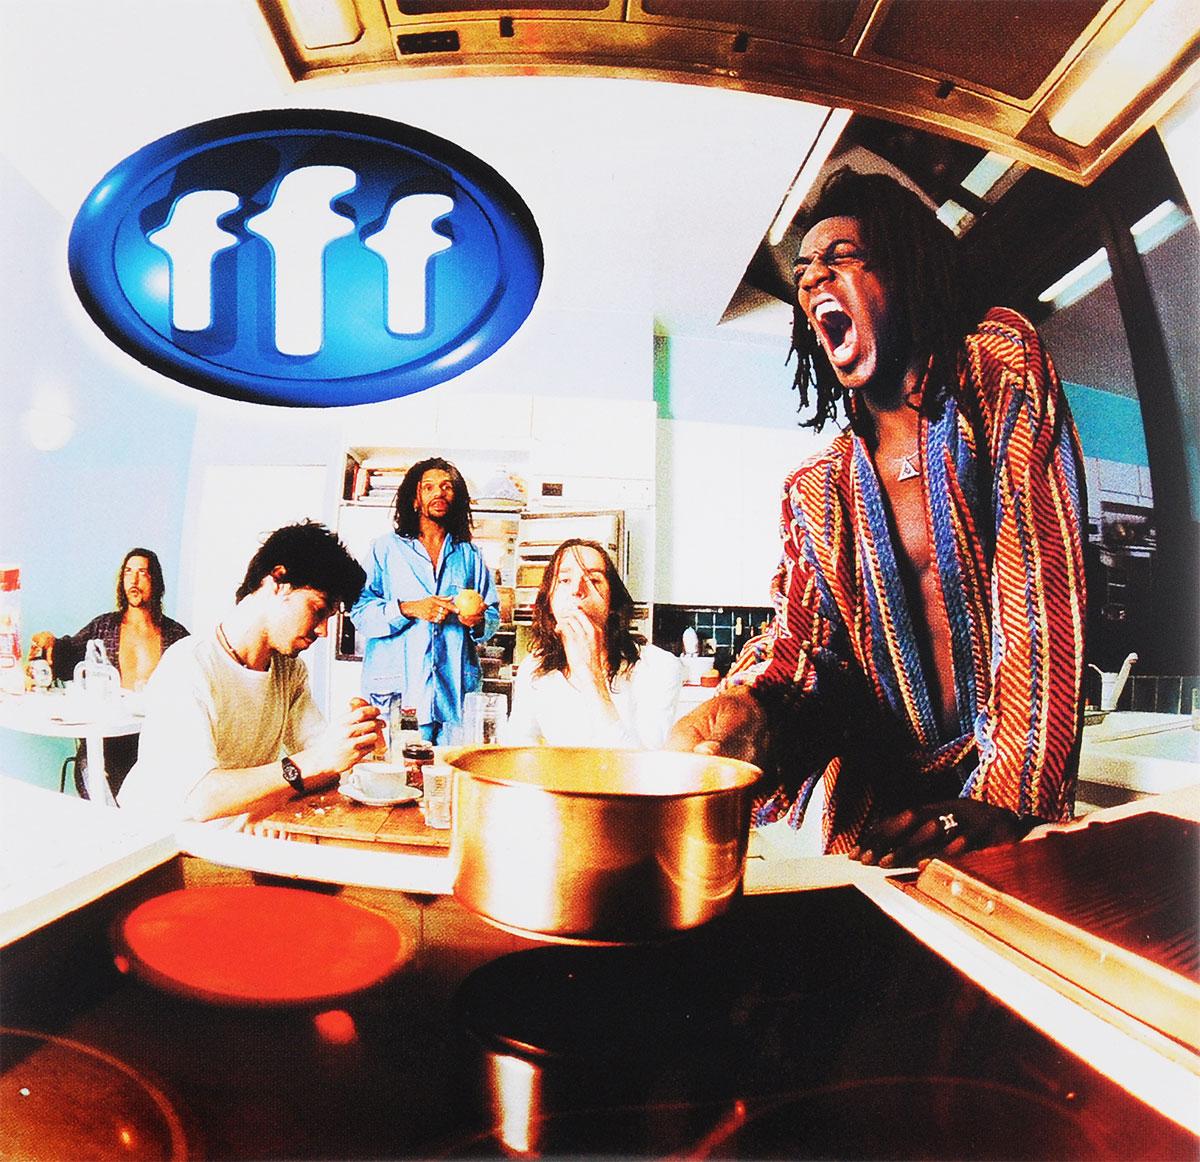 FFF FFF. FFF fff fff free for fever 2 lp